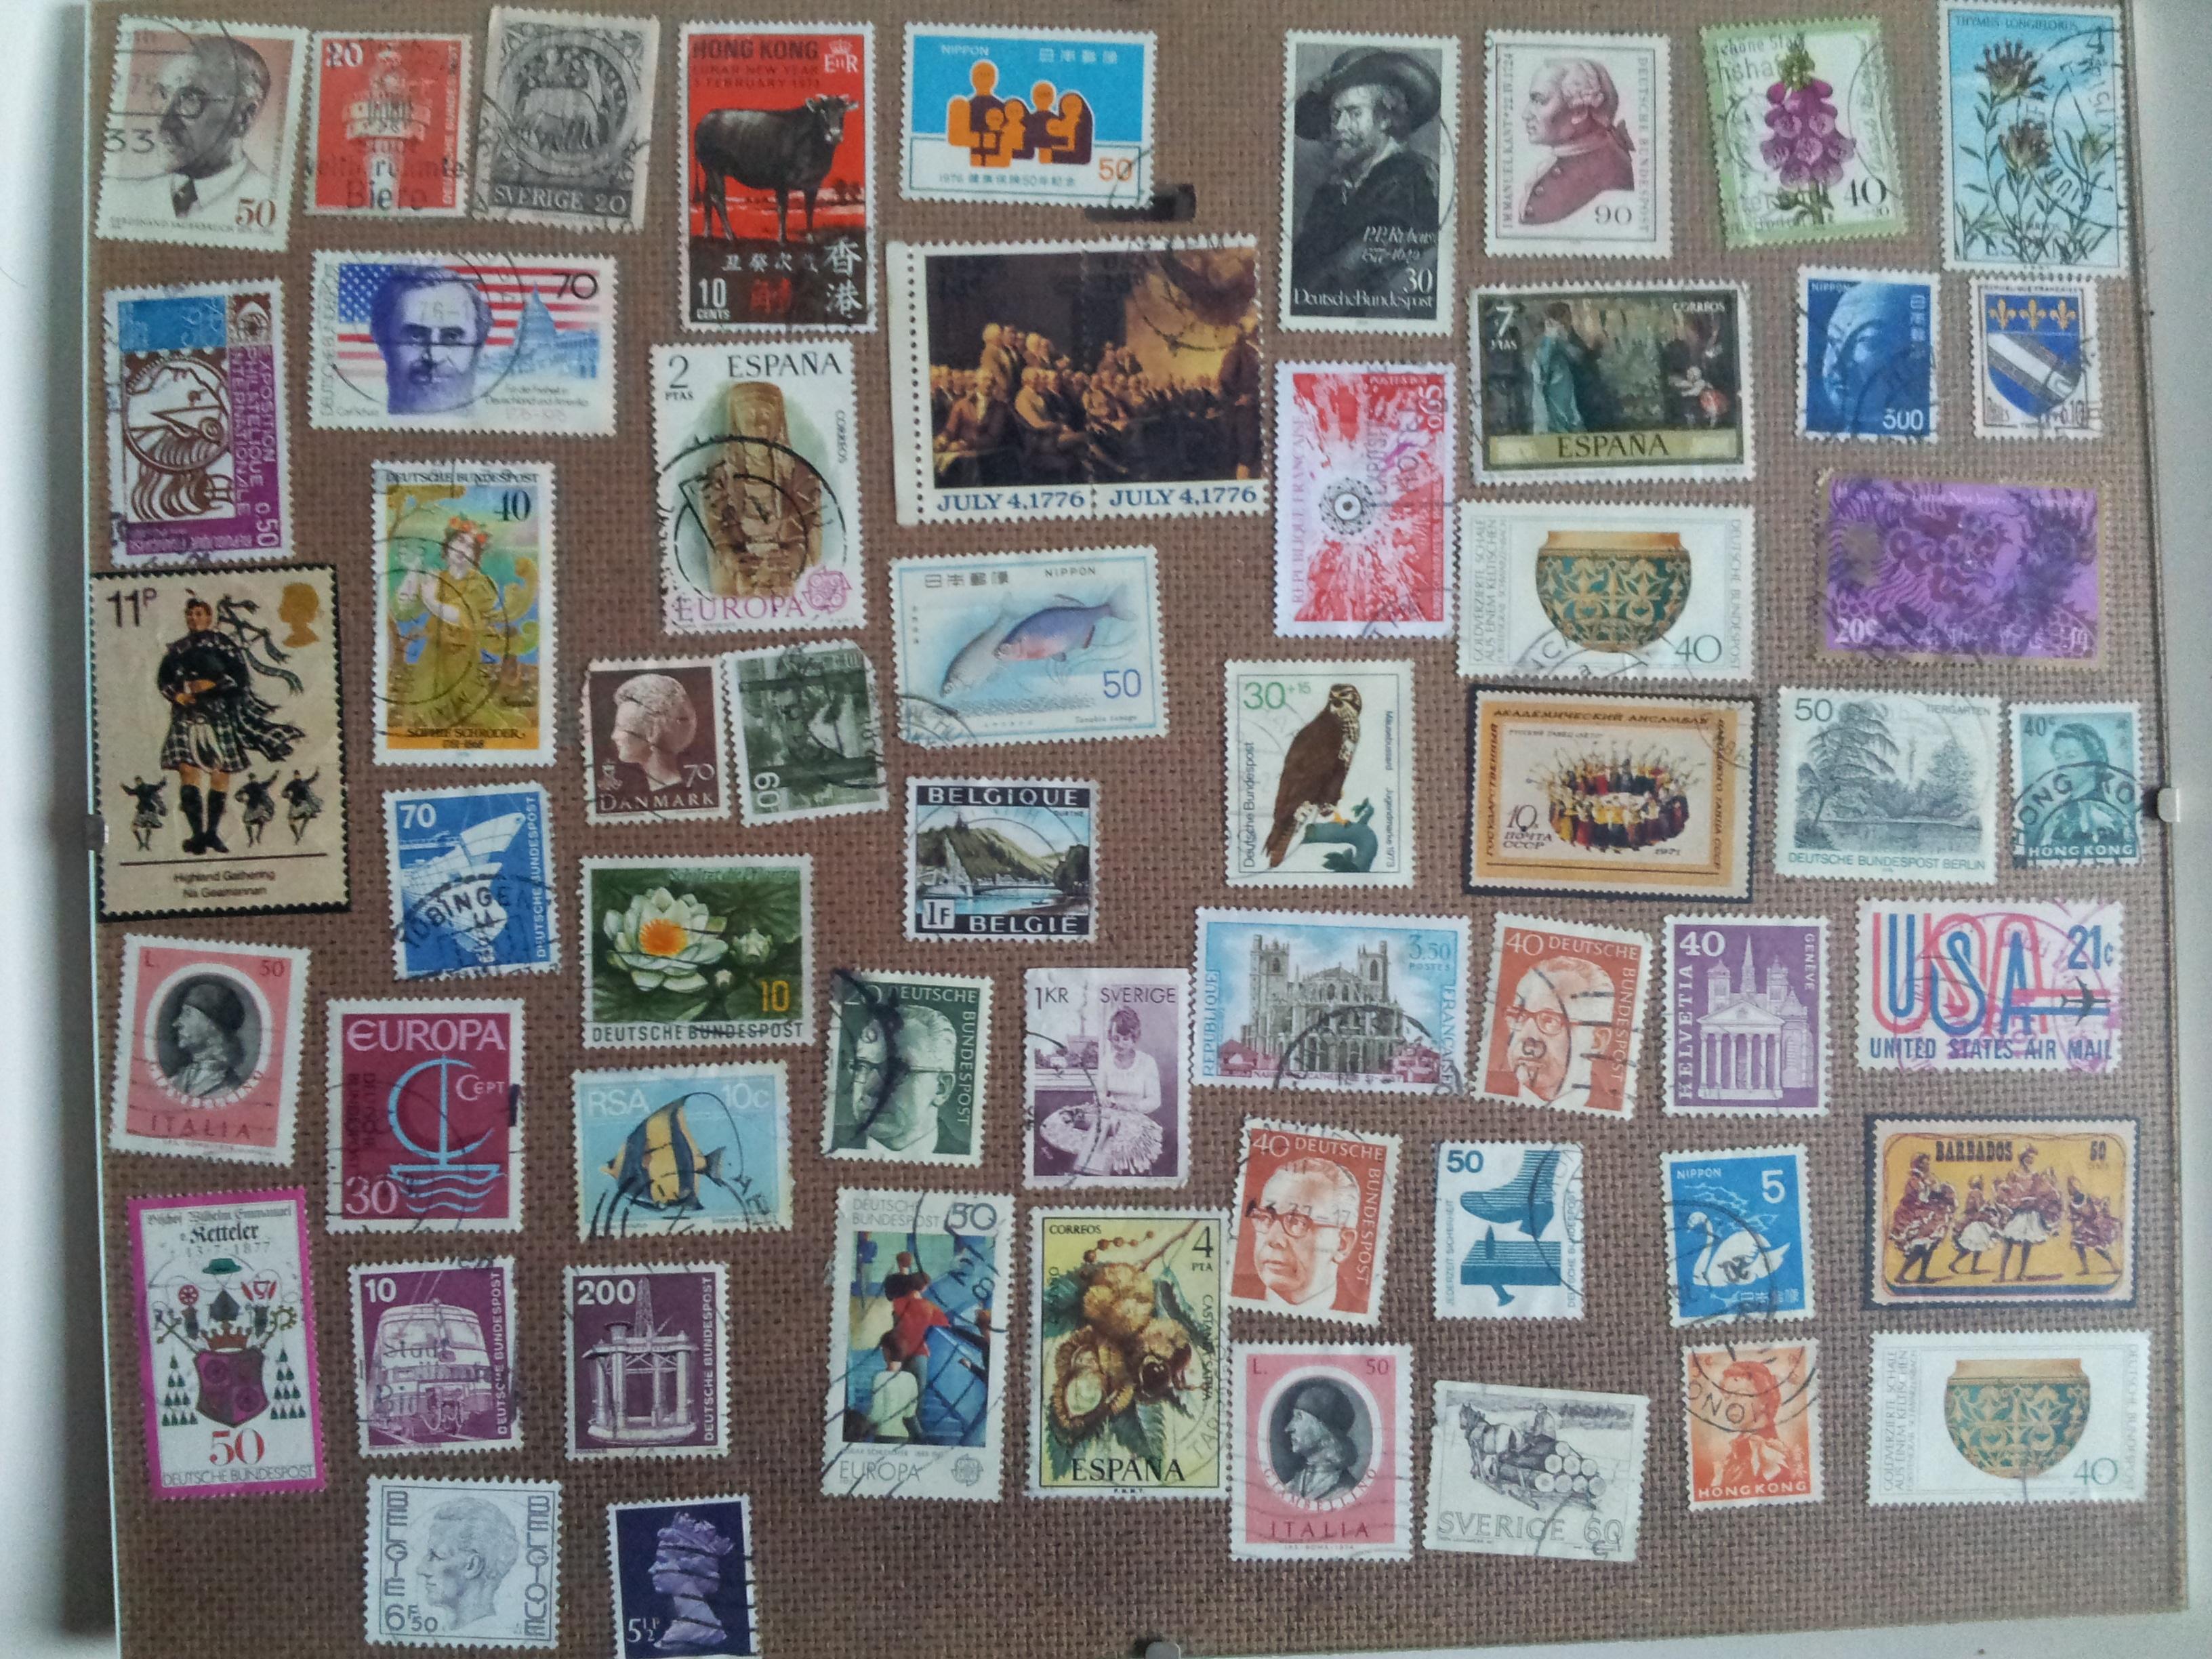 Collezioni internazionali saranno esposte per tre giorni al Musee des Timbres e Monnaies, incluso il francobollo da 10 milioni di dollari